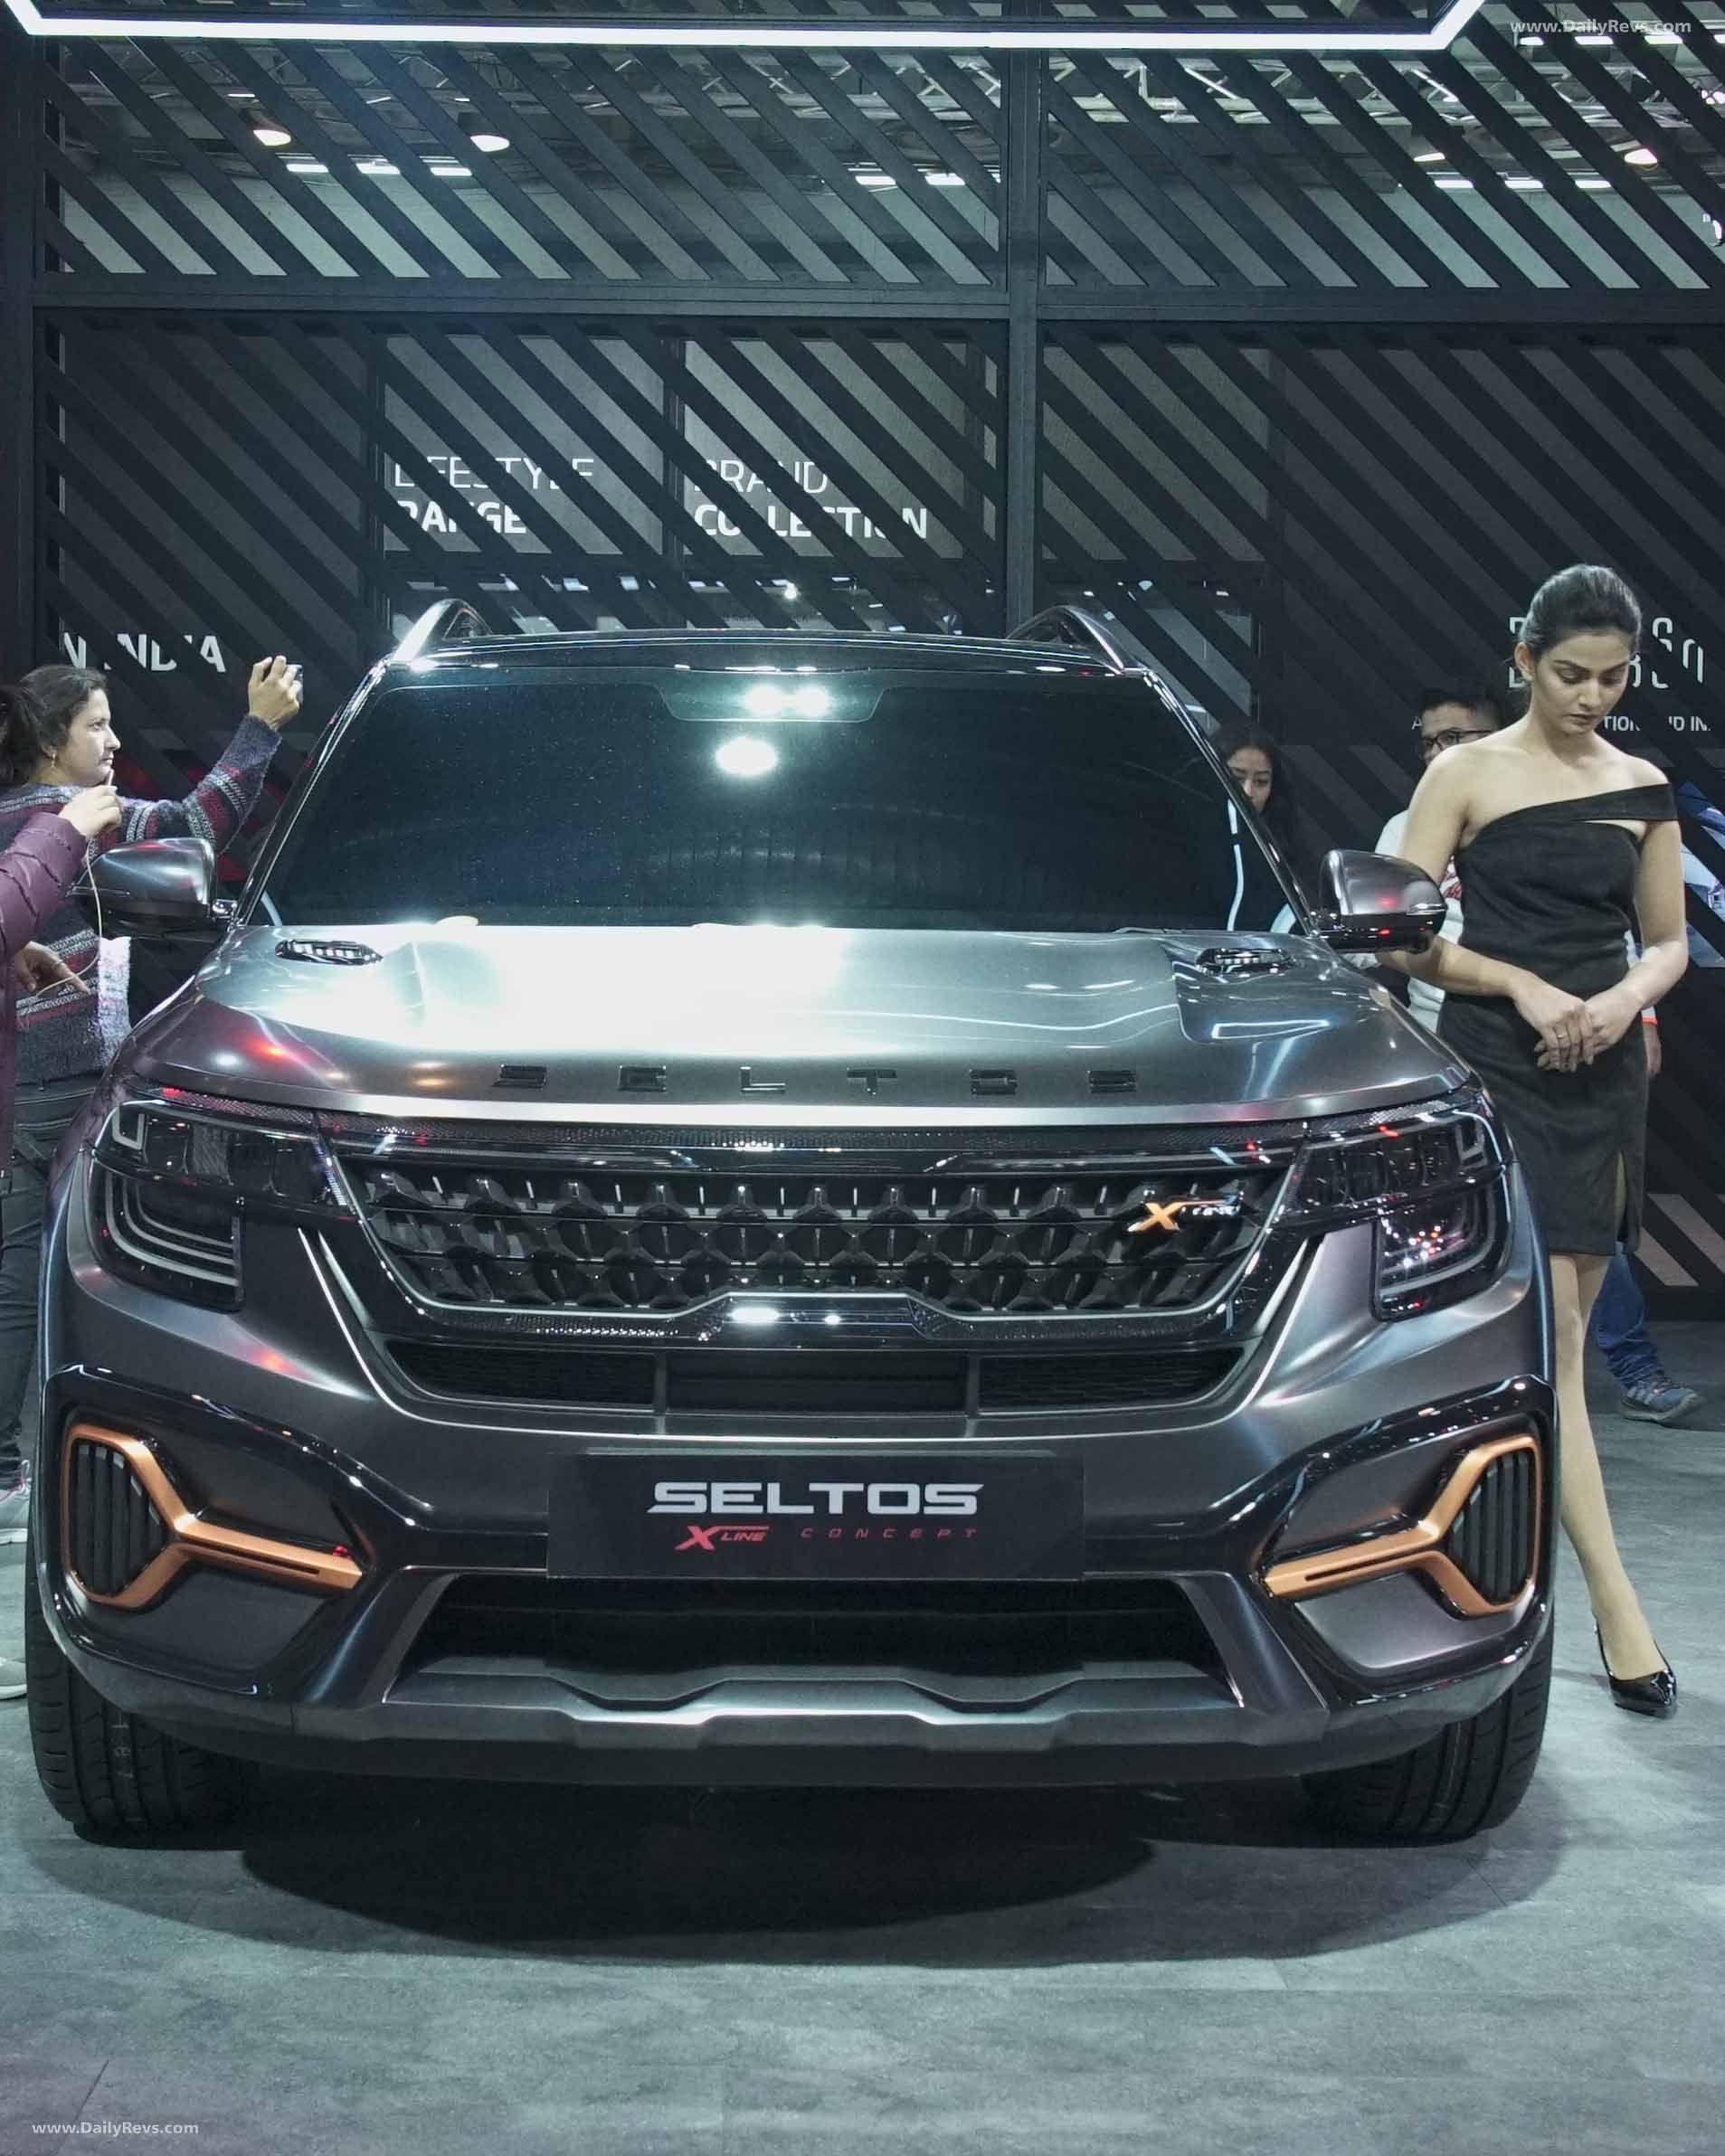 2020 Kia Seltos X Line Dailyrevs In 2020 Kia Kia Motors Luxury Car Interior